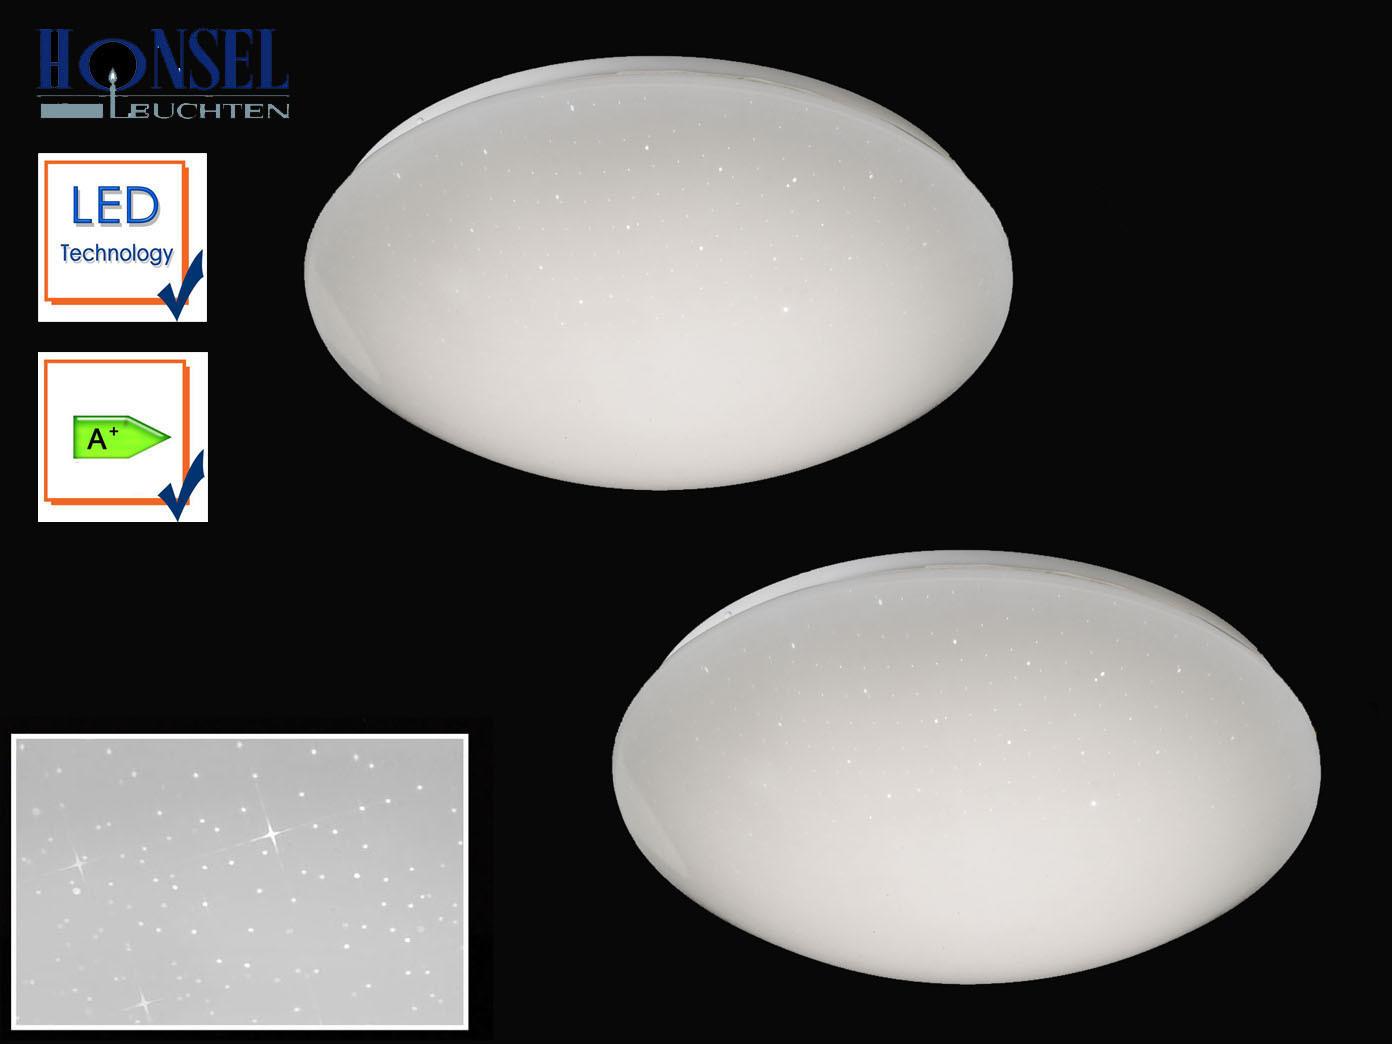 2x Honsel LED Deckenleuchte HEAVEN rund 36cm Sterndekor Deckenlampe  Schlafzimmer